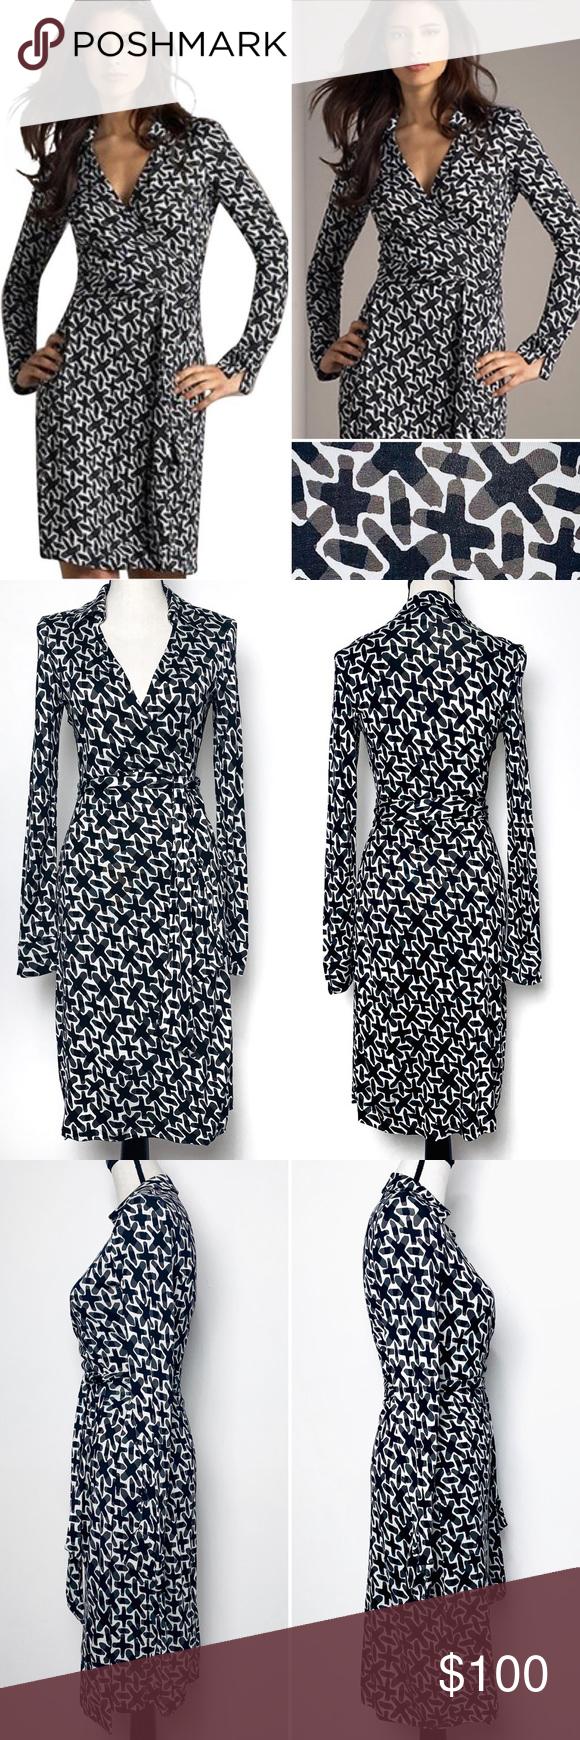 Dvf Vintage Print Reissue Jeanne Wrap Dress 4 Vintage Prints Clothes Design Fashion [ 1740 x 580 Pixel ]